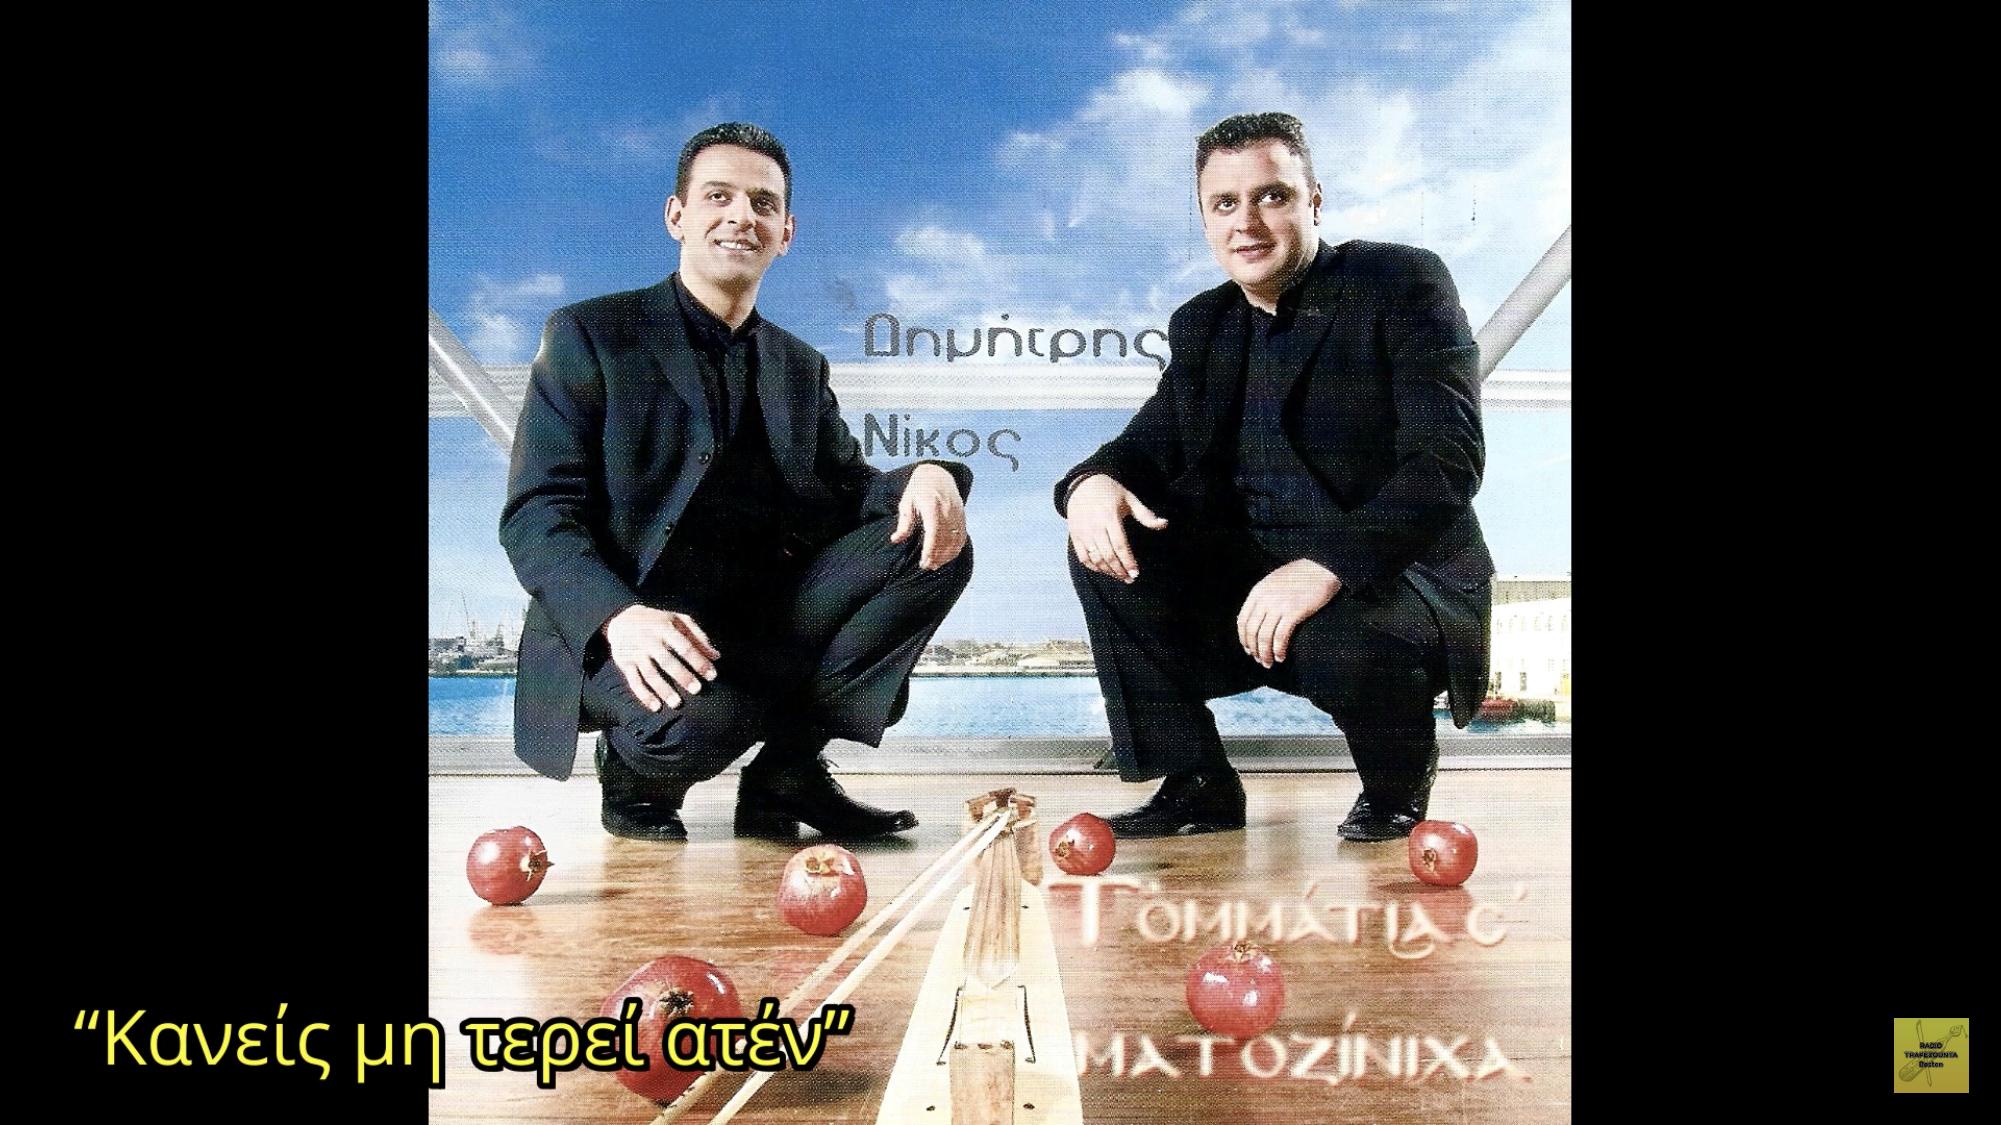 """Ποντιακή Δισκογραφία: """"Τ' Ομμάτια σ' Ματοζίνιχα"""" (2006)"""